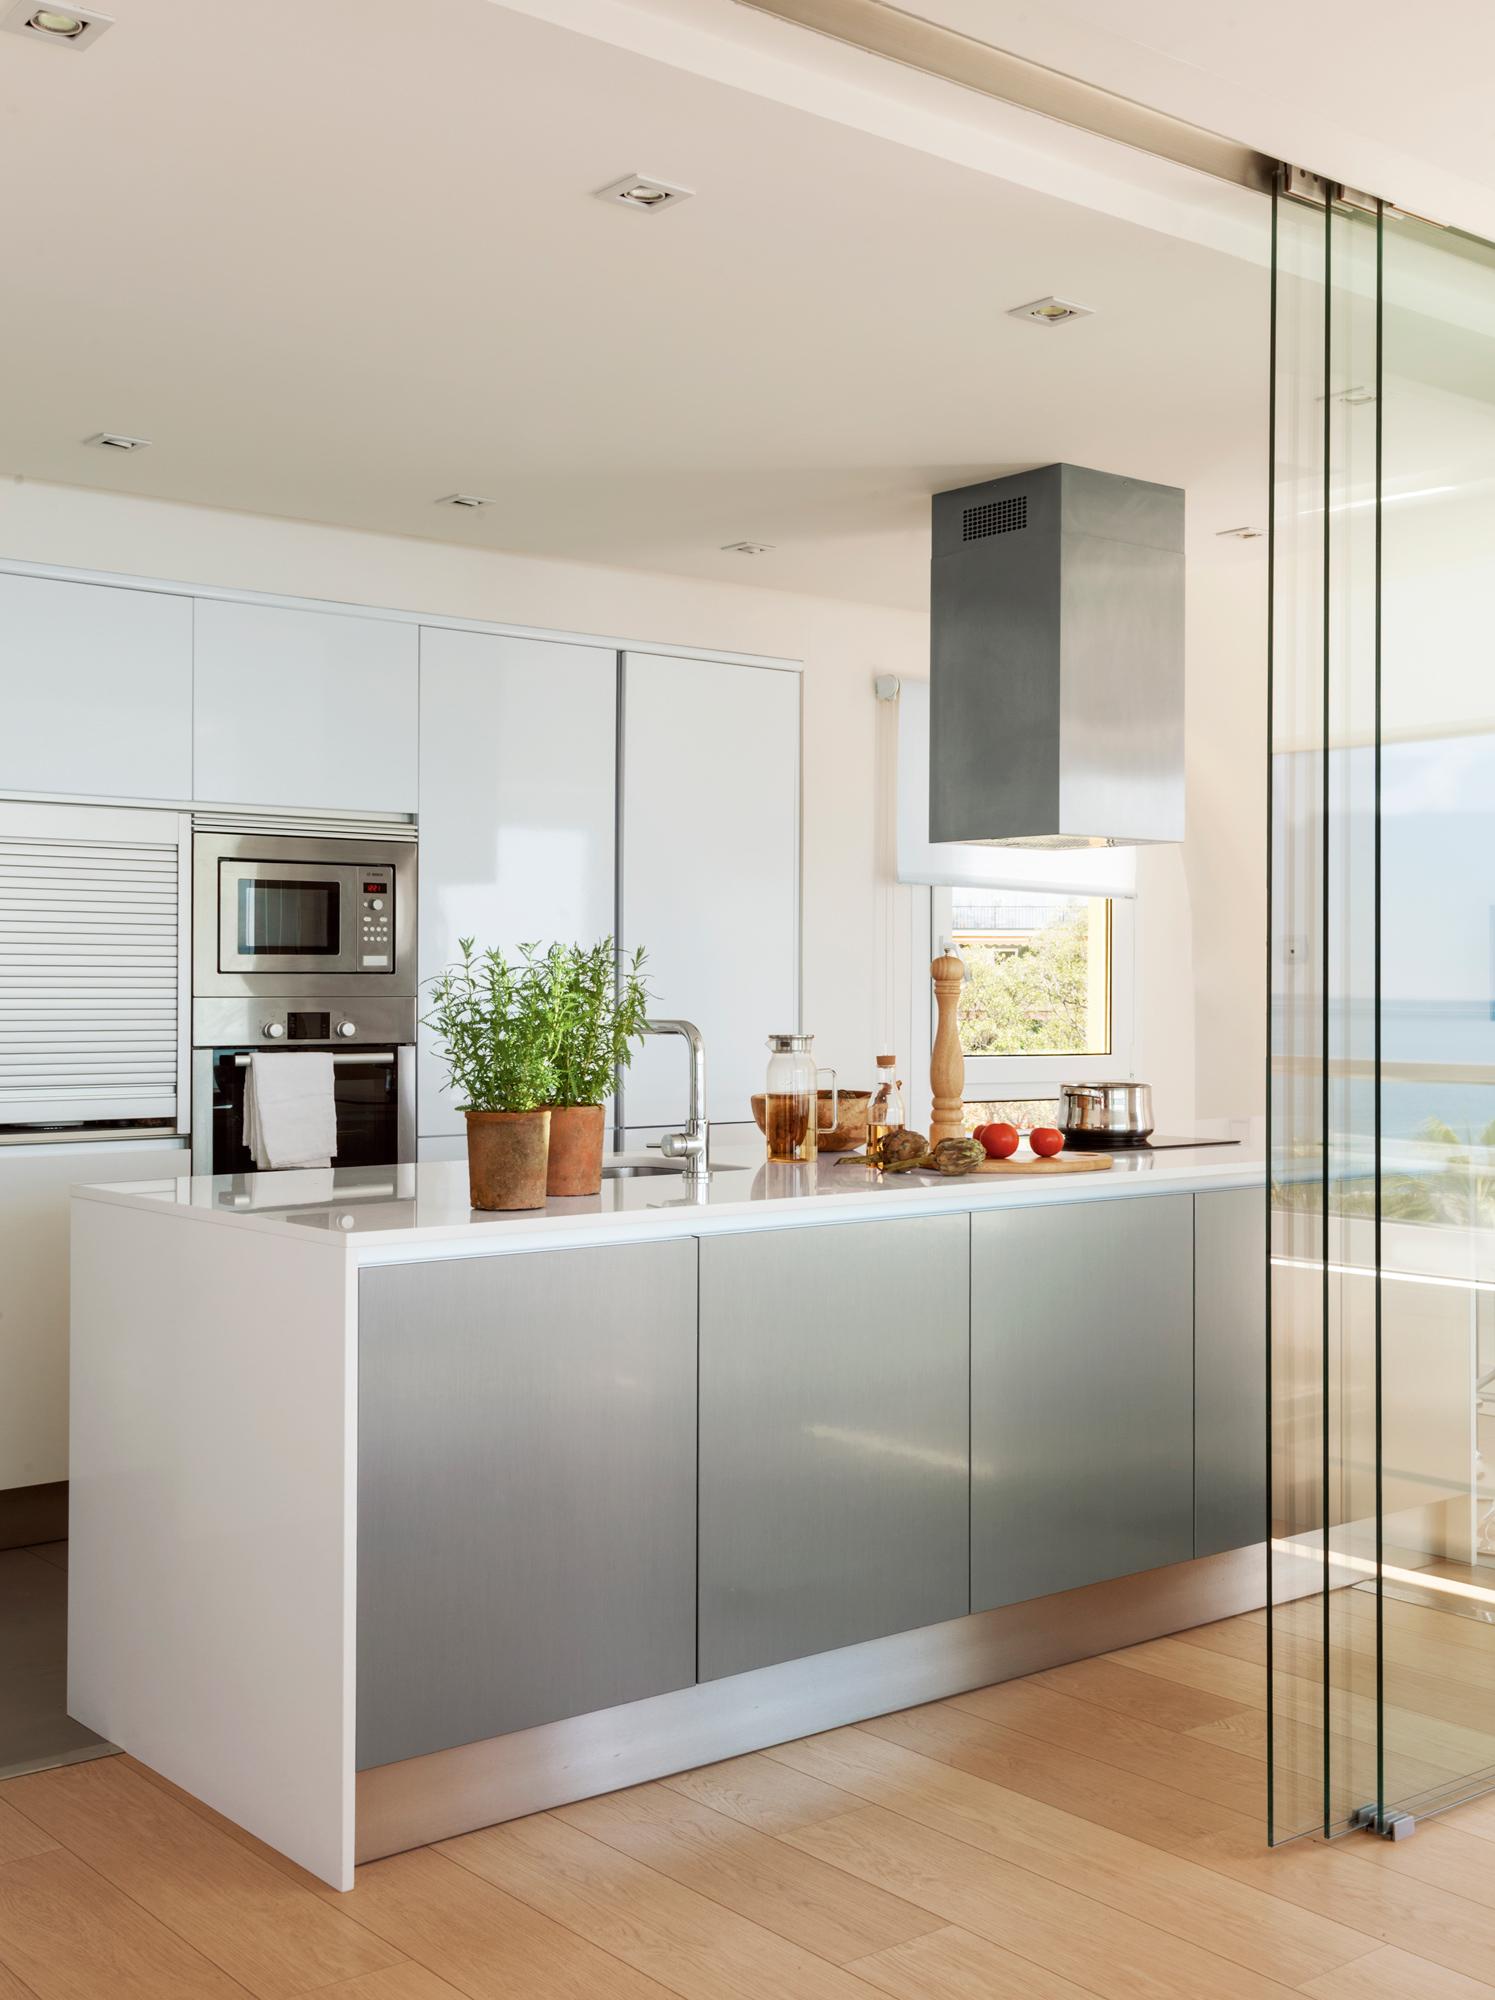 Puertas correderas para evitar barreras y ahorrar espacio - Puerta cristal cocina ...